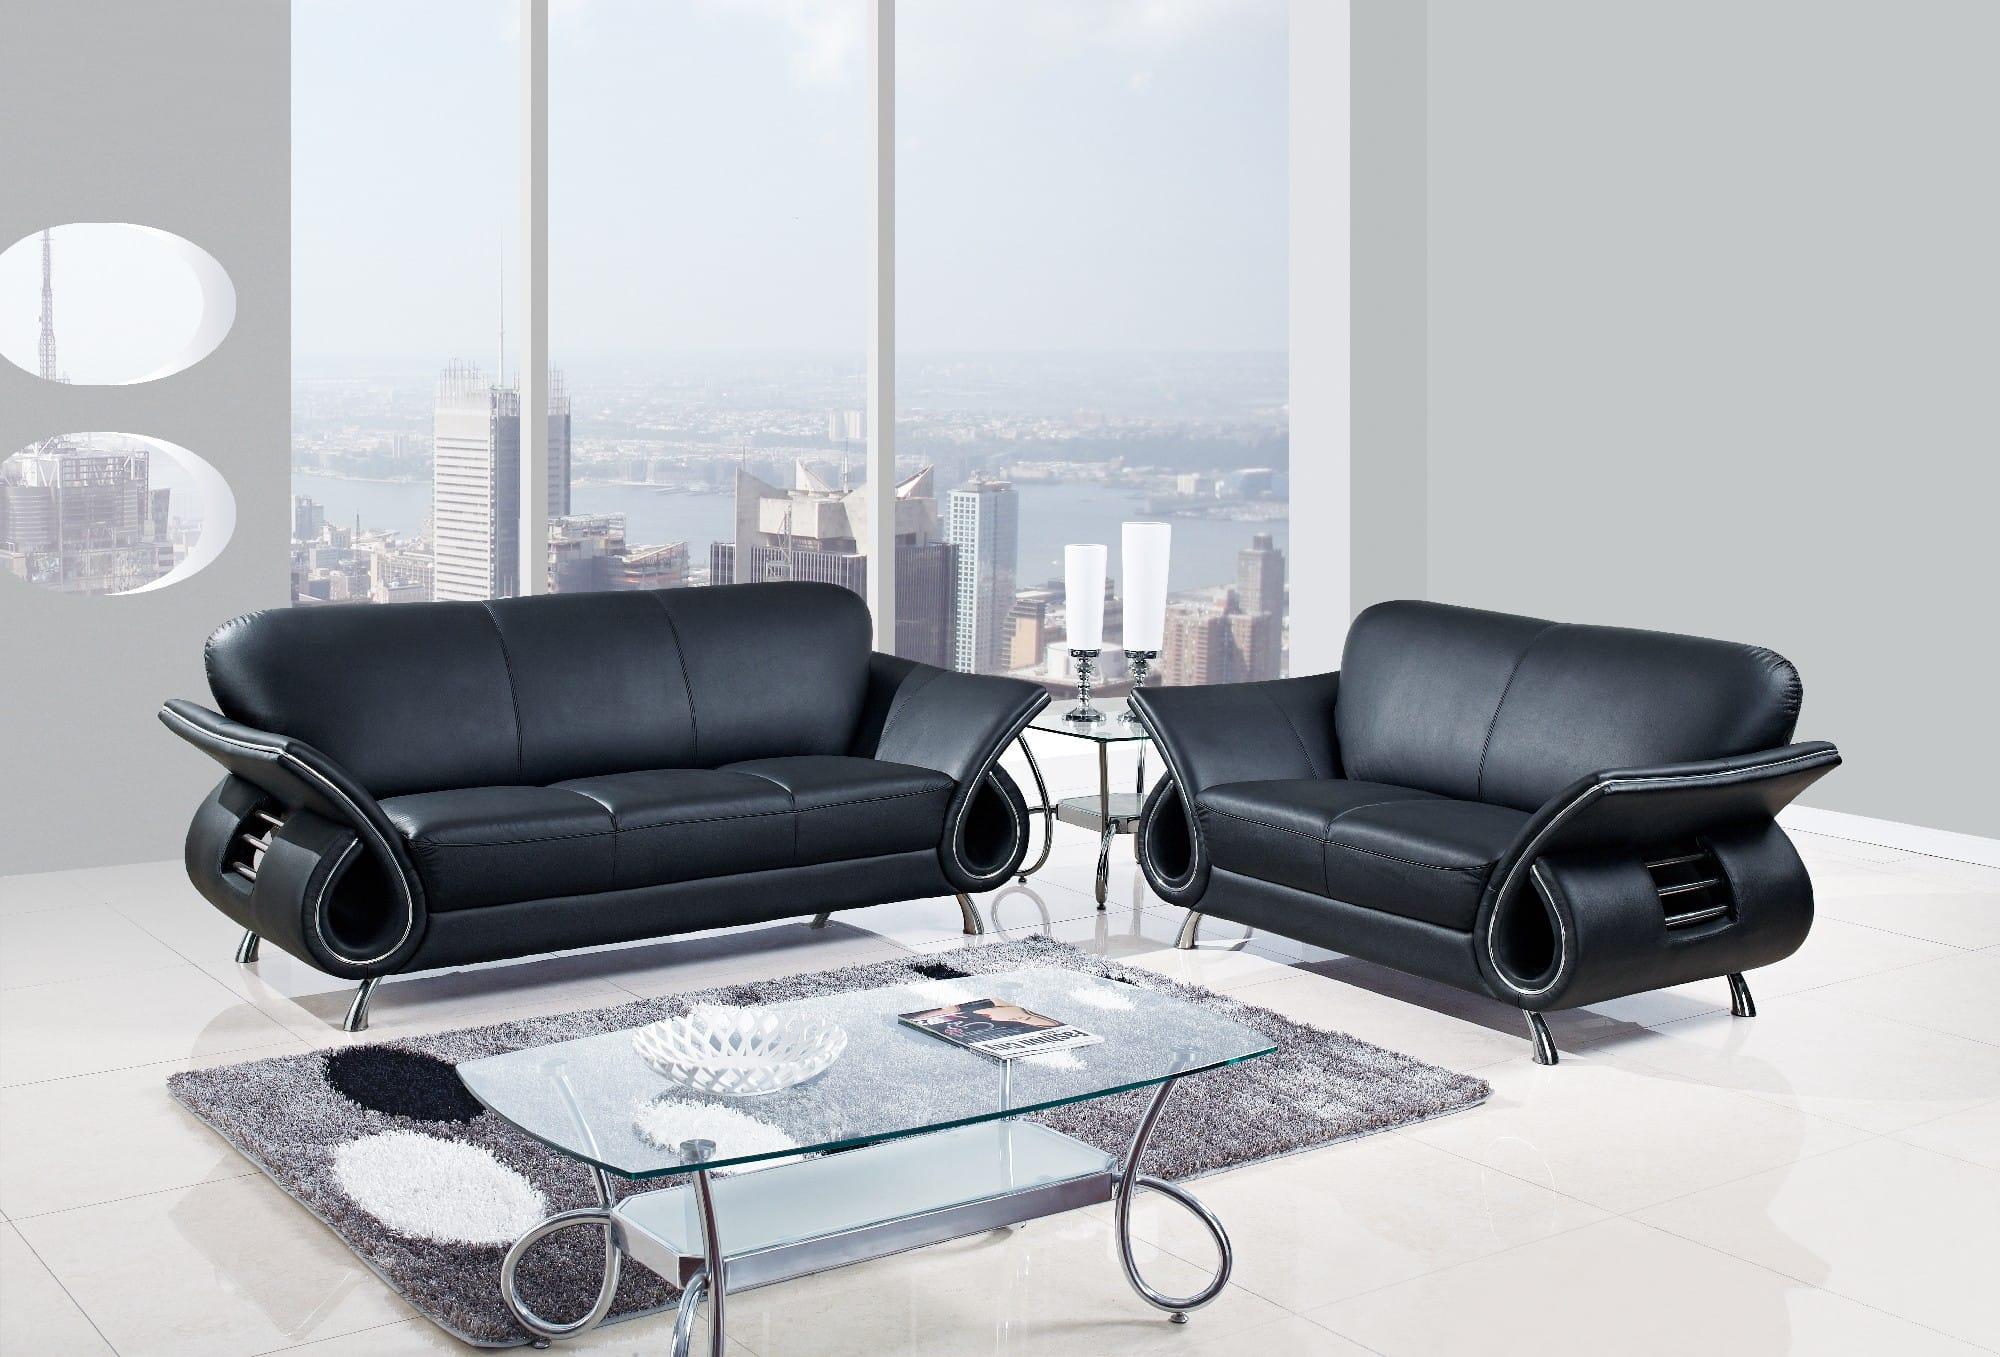 U559 Black Leather Sofa by Global Furniture